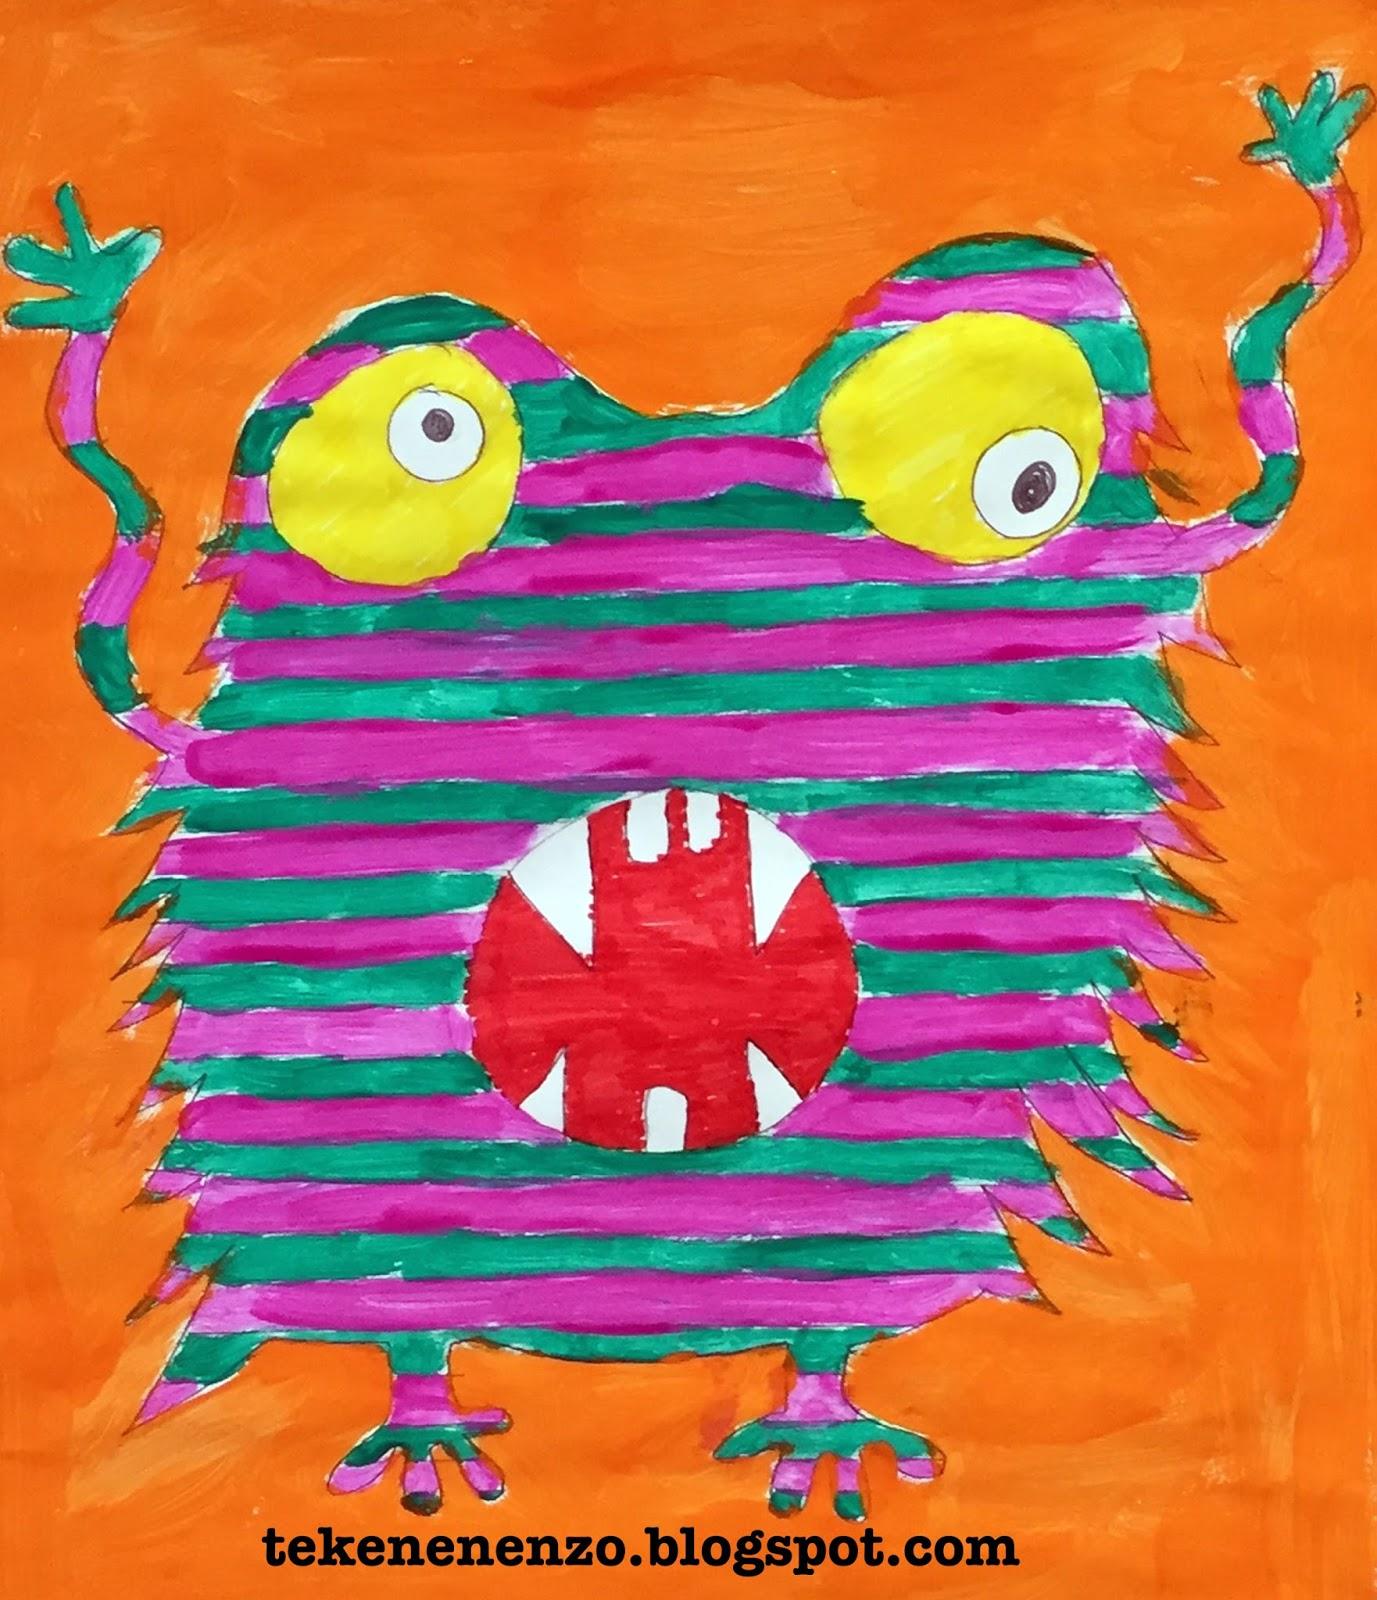 Tekenen en zo happy monsters - Ruimte van de jongen kleur schilderen ...